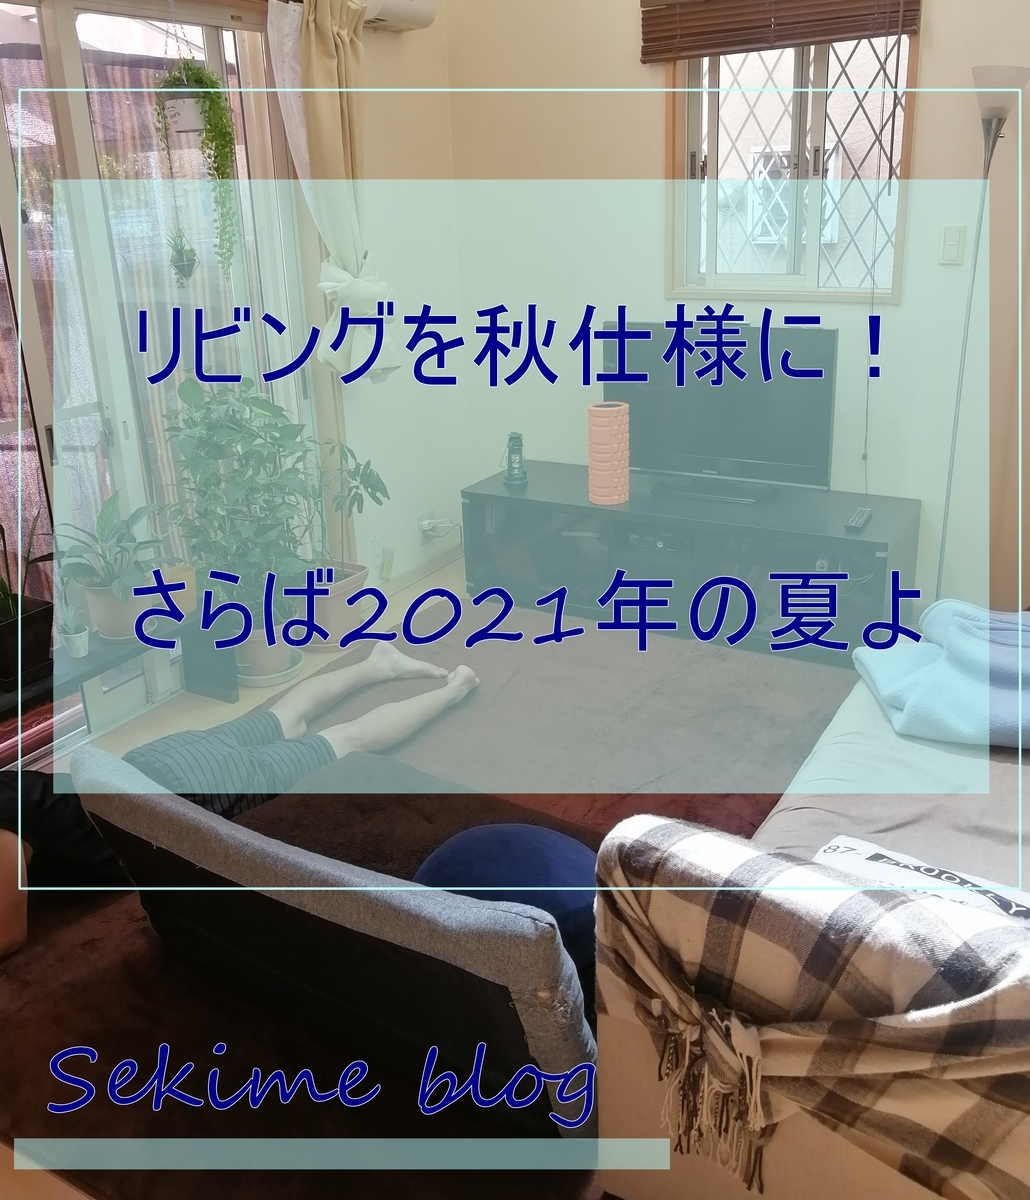 f:id:sekimeitiko:20211002171402j:plain